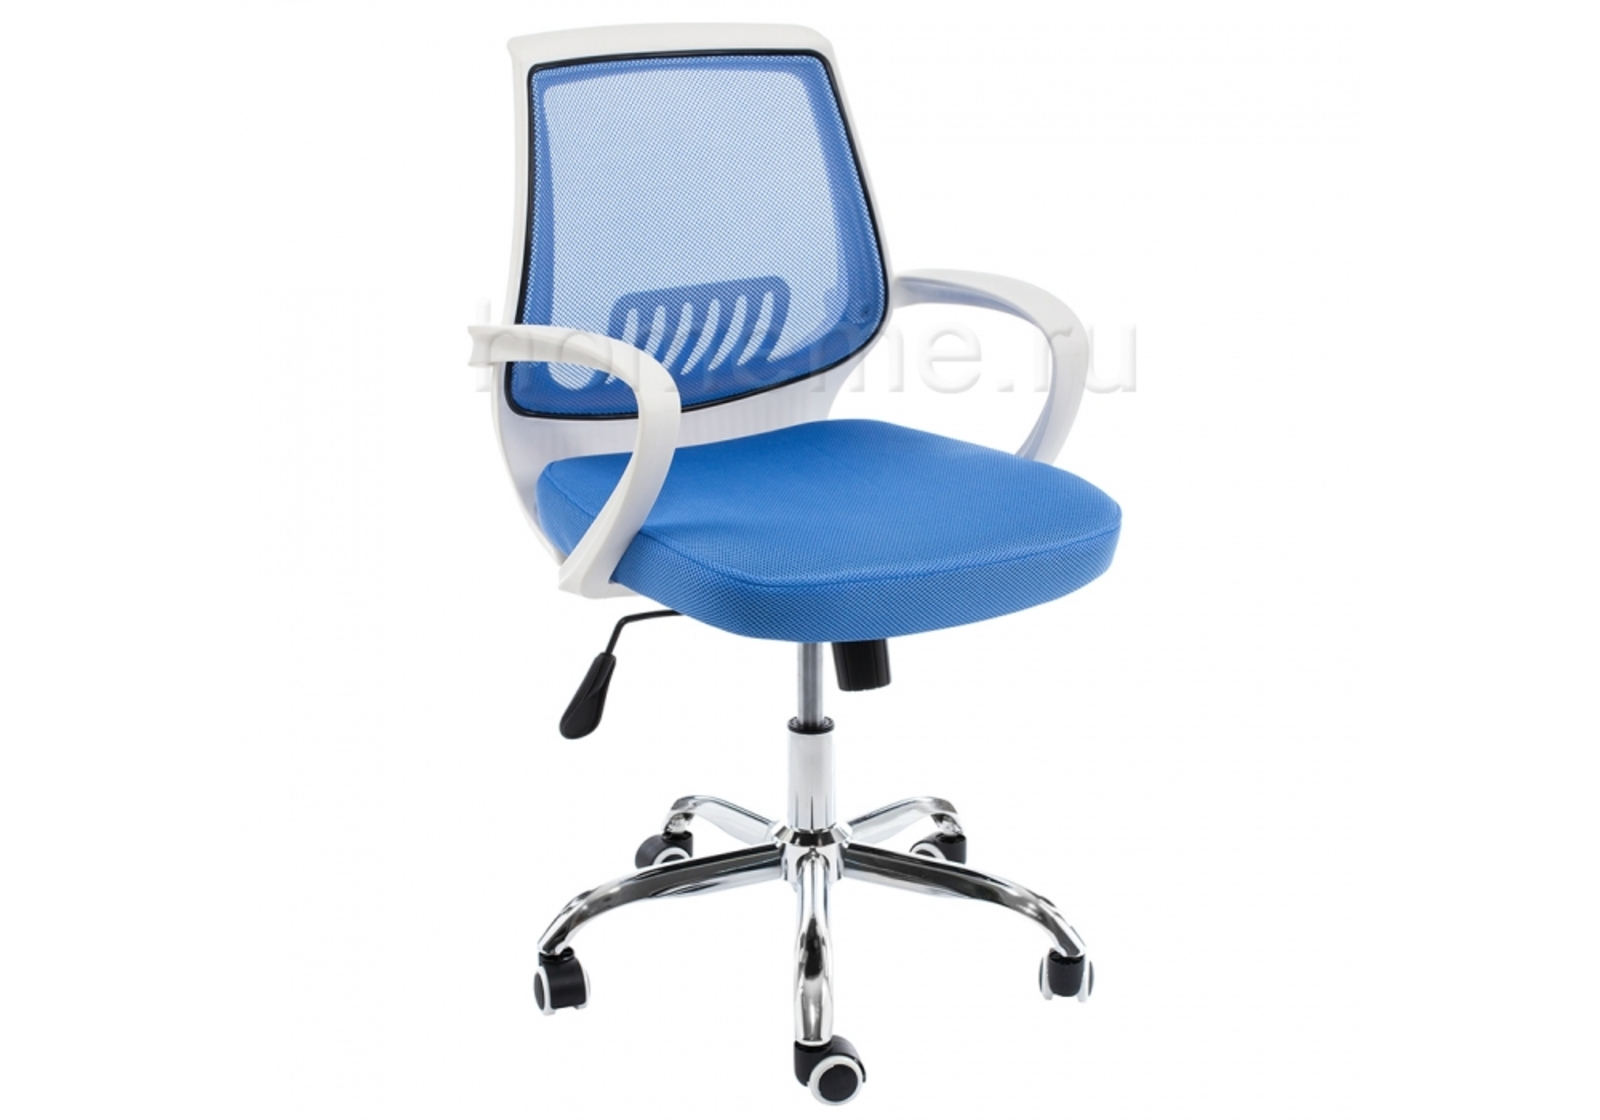 Кресло для офиса HomeMe Ergoplus белое / голубое 1971 от Homeme.ru